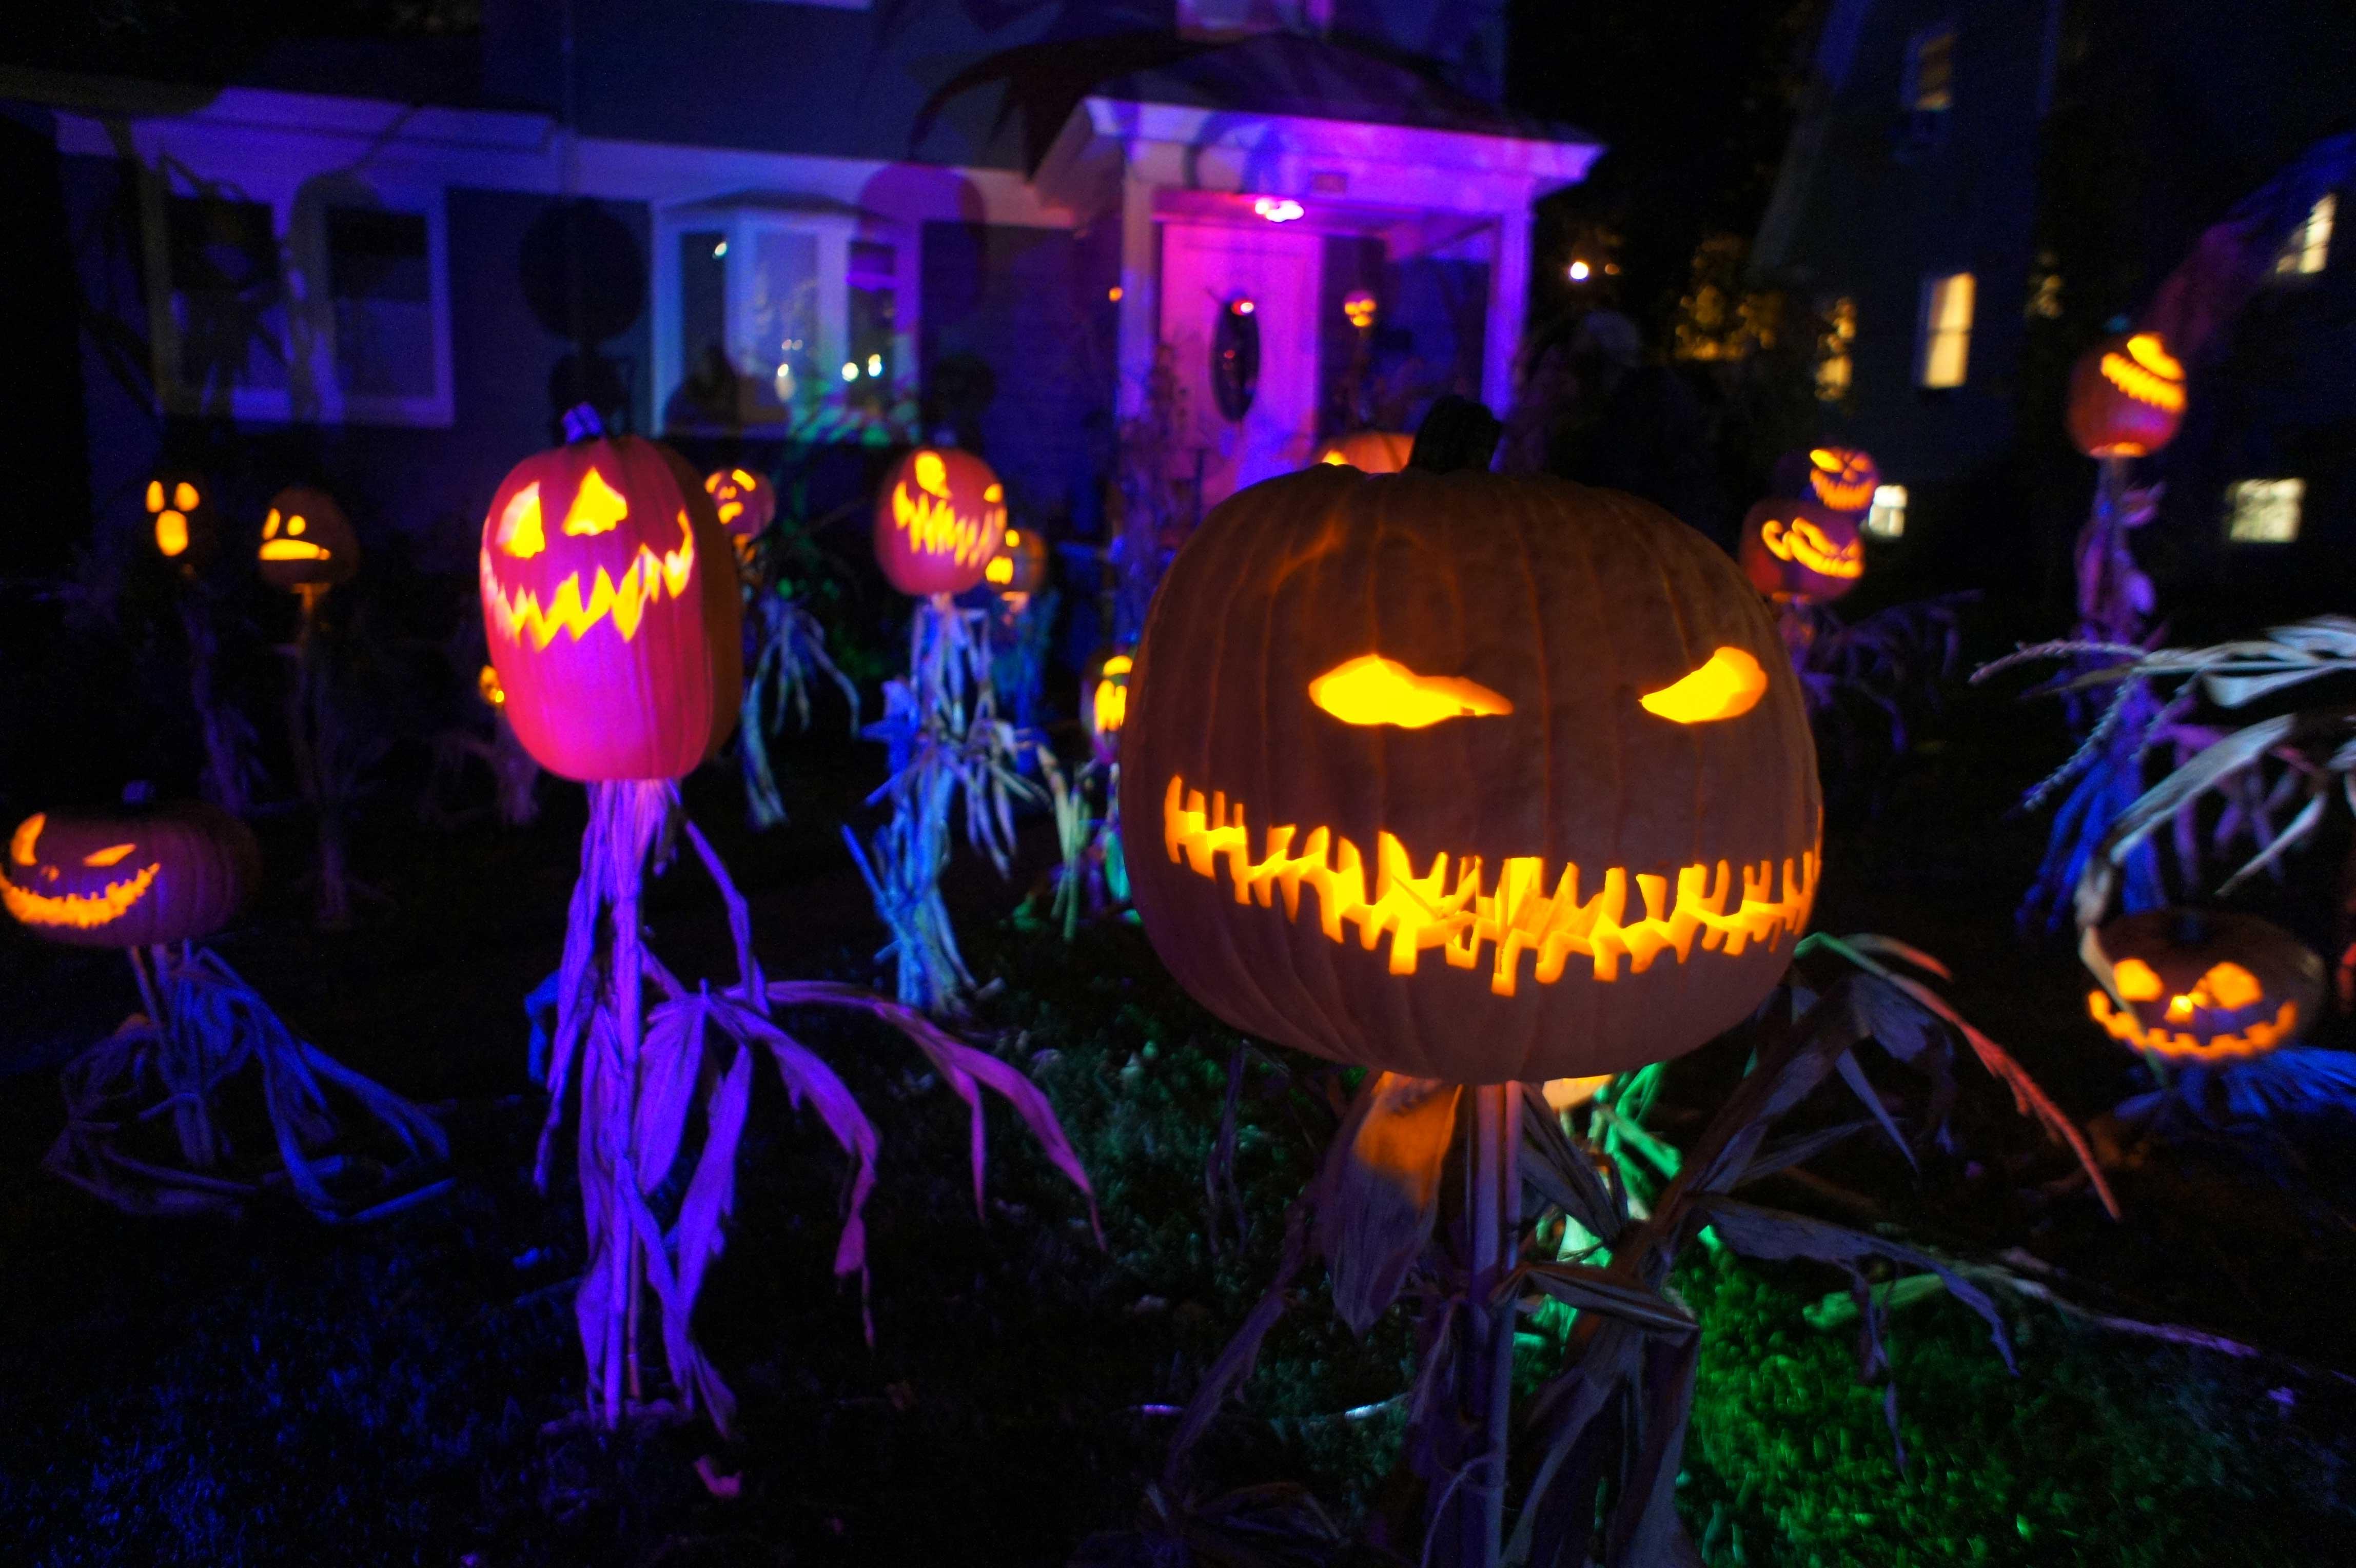 Halloween Jack O'Lantern King and his Scarecrow Minions